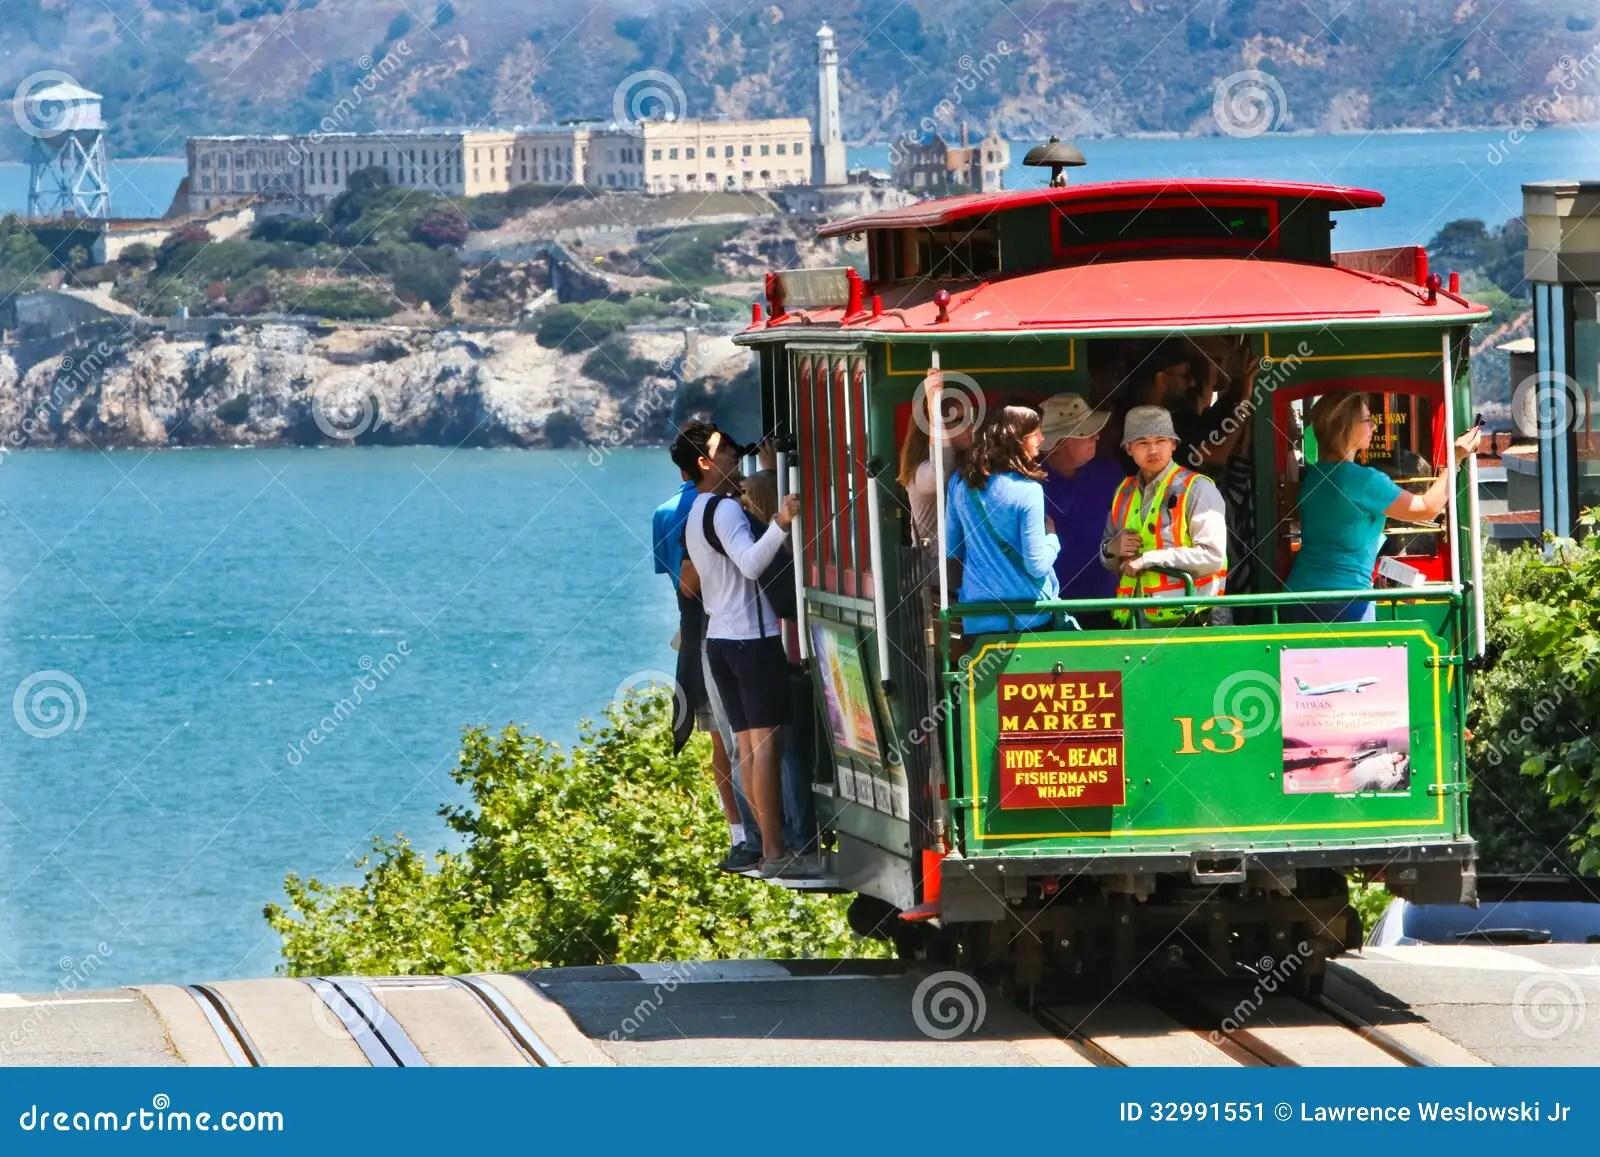 Car Curvy Road Wallpaper San Francisco Cable Car 13 Alcatraz Editorial Photo